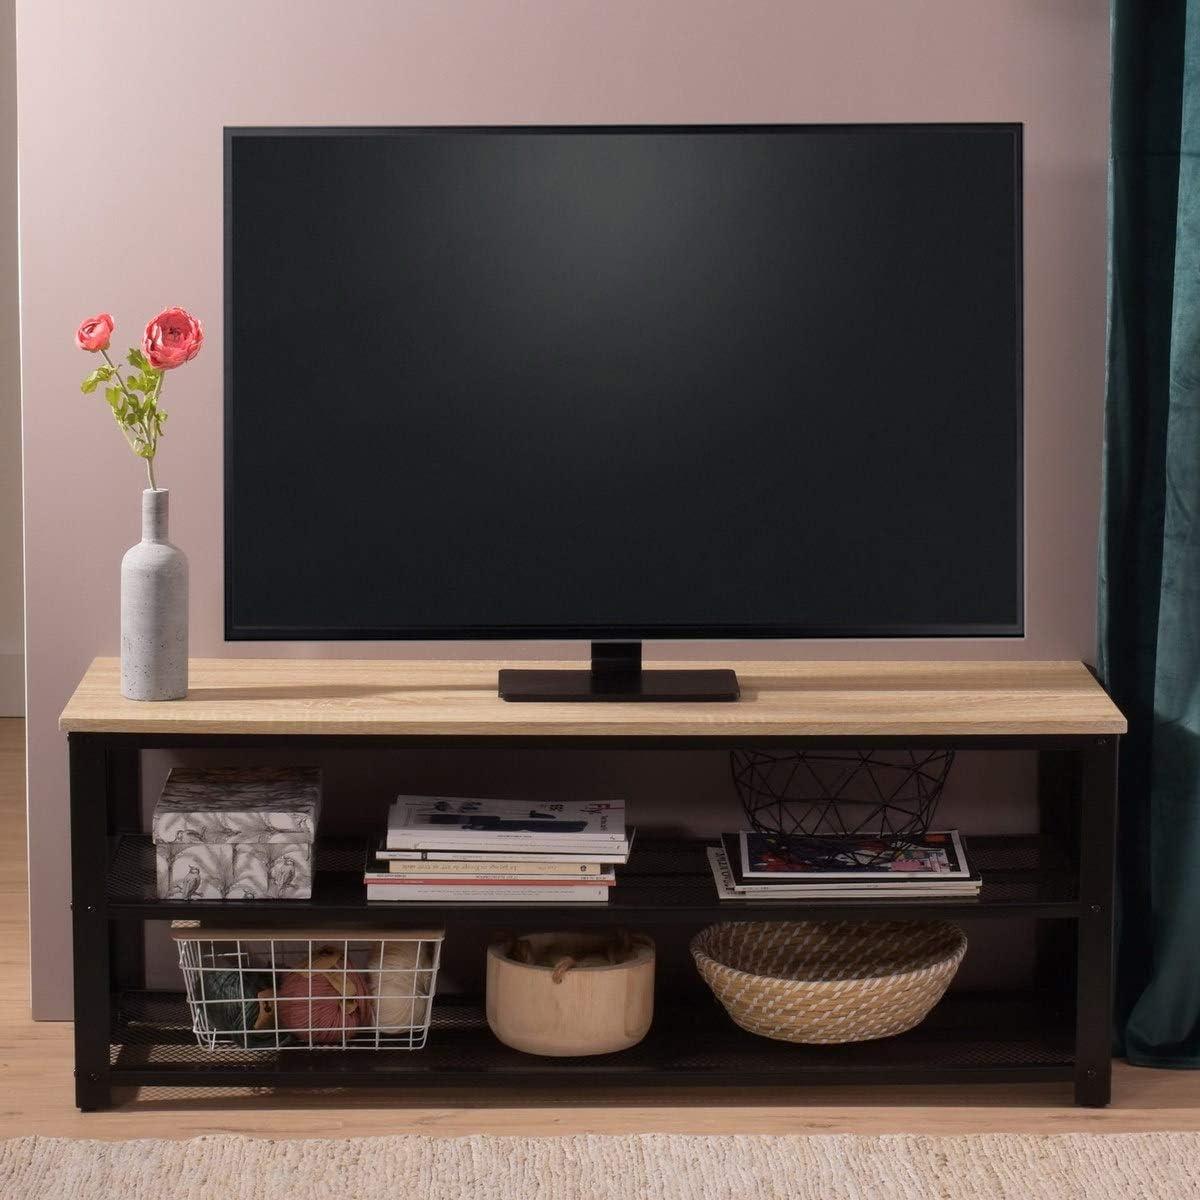 FURNISH 1 Mueble de TV Soporte de TV Mesa de Centro - MDF de Roble, Estructura de Acero Negro -120x40x46cm: Amazon.es: Hogar